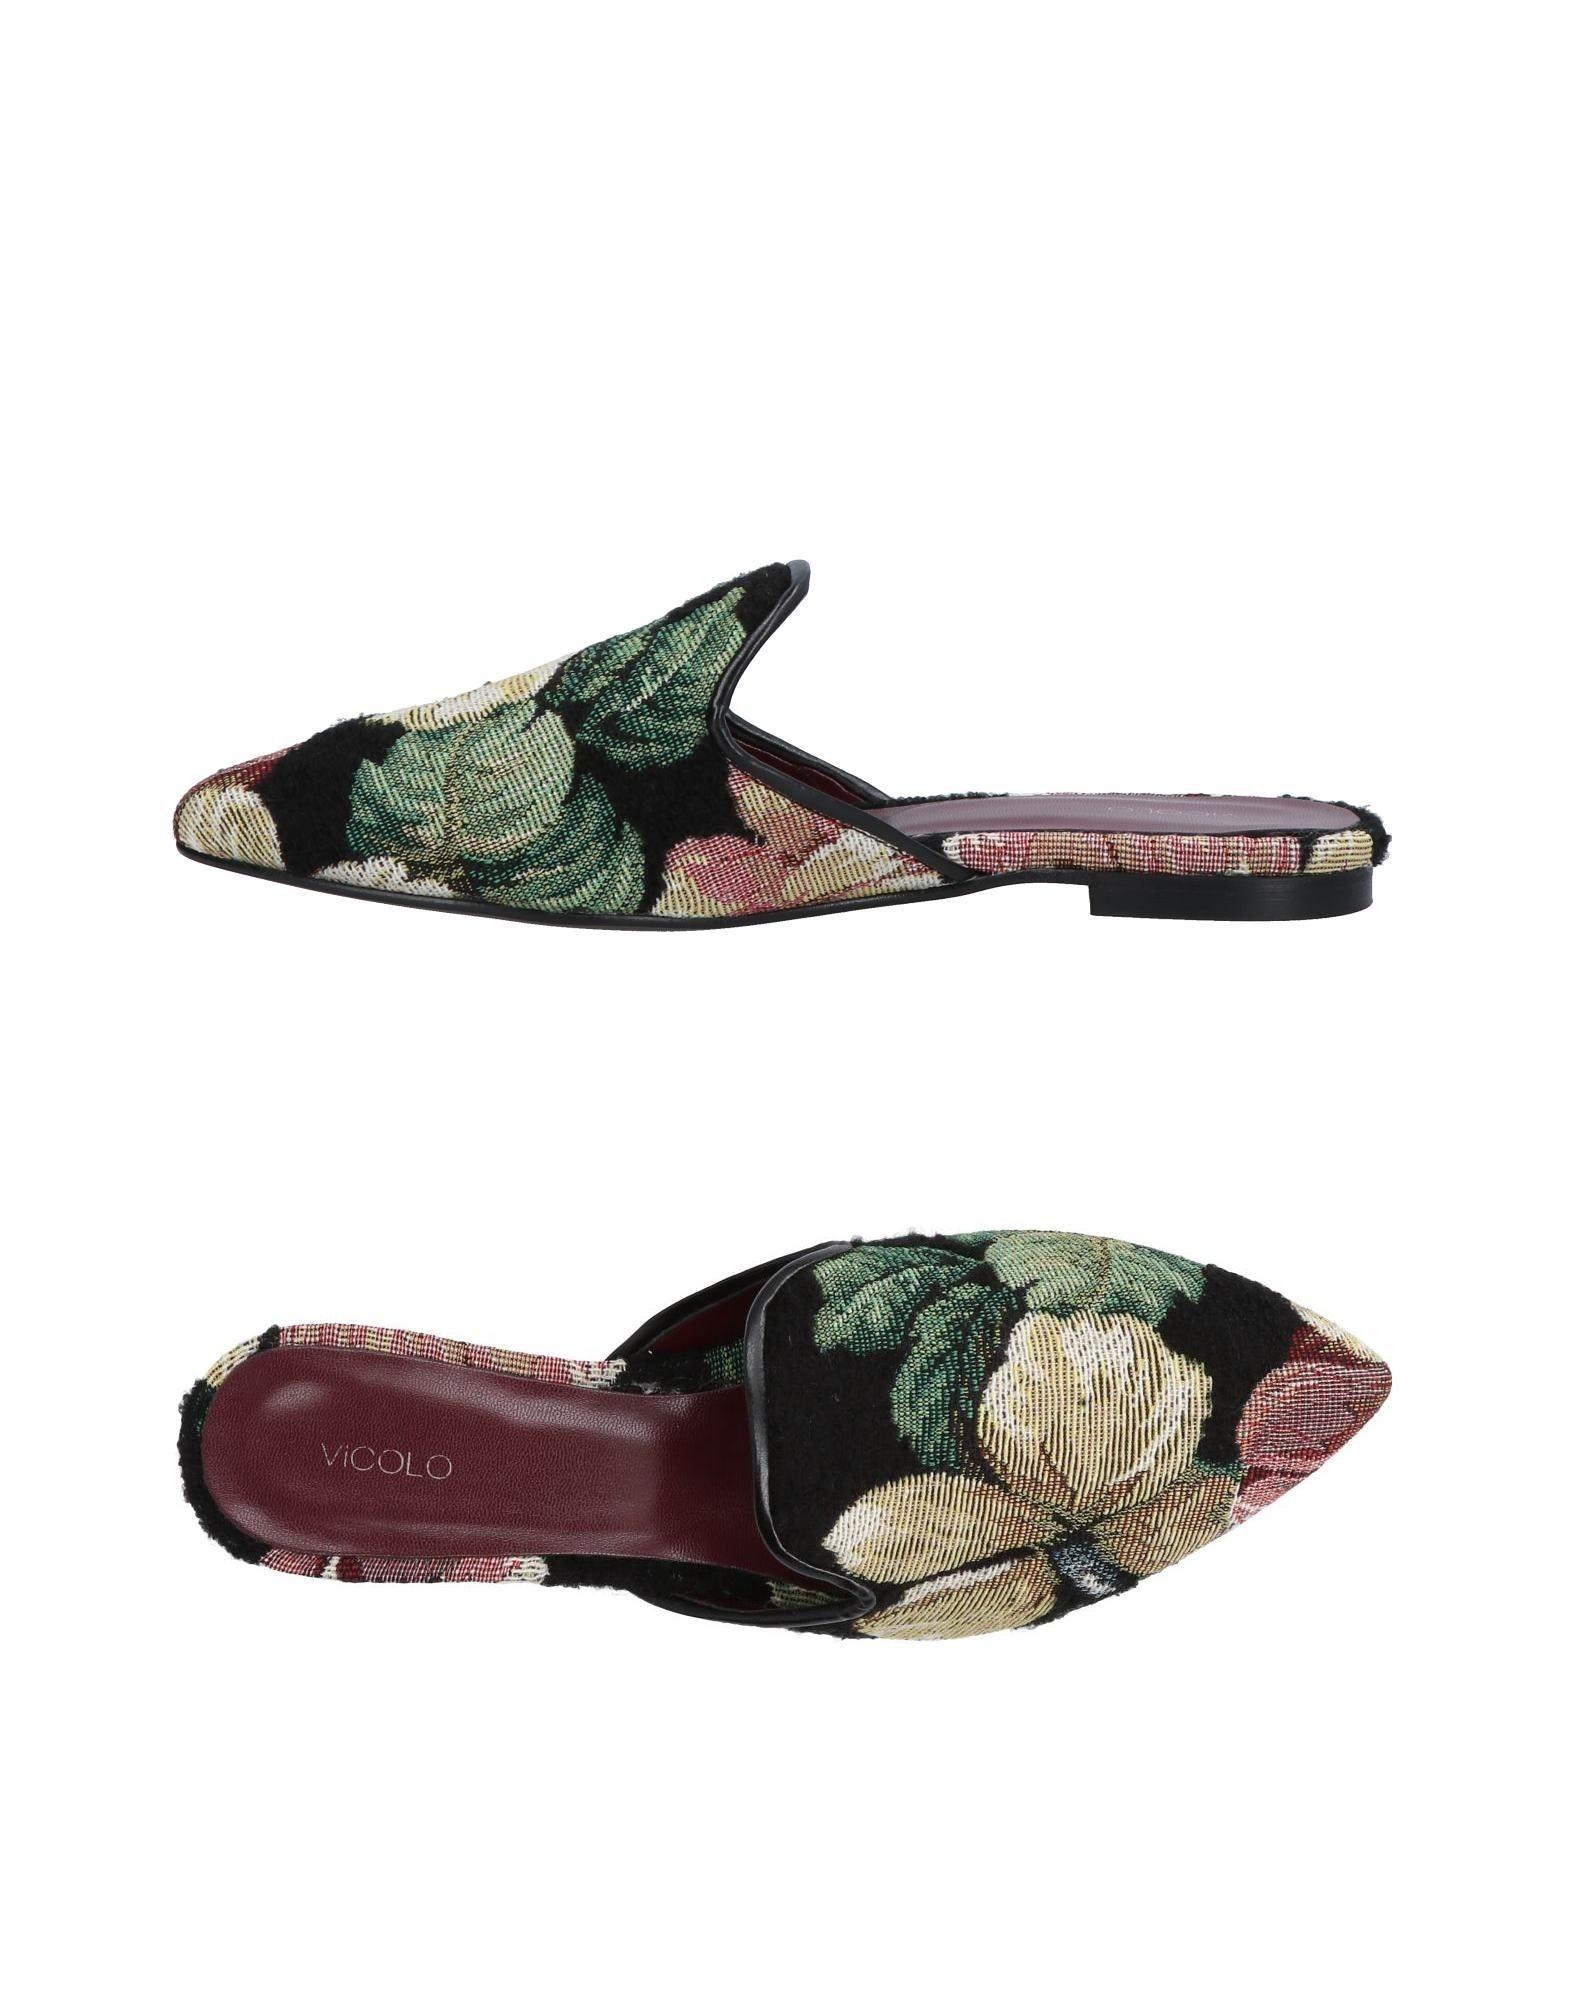 Vicolo Pantoletten Damen  11448233LO Schuhe Gute Qualität beliebte Schuhe 11448233LO bce62f